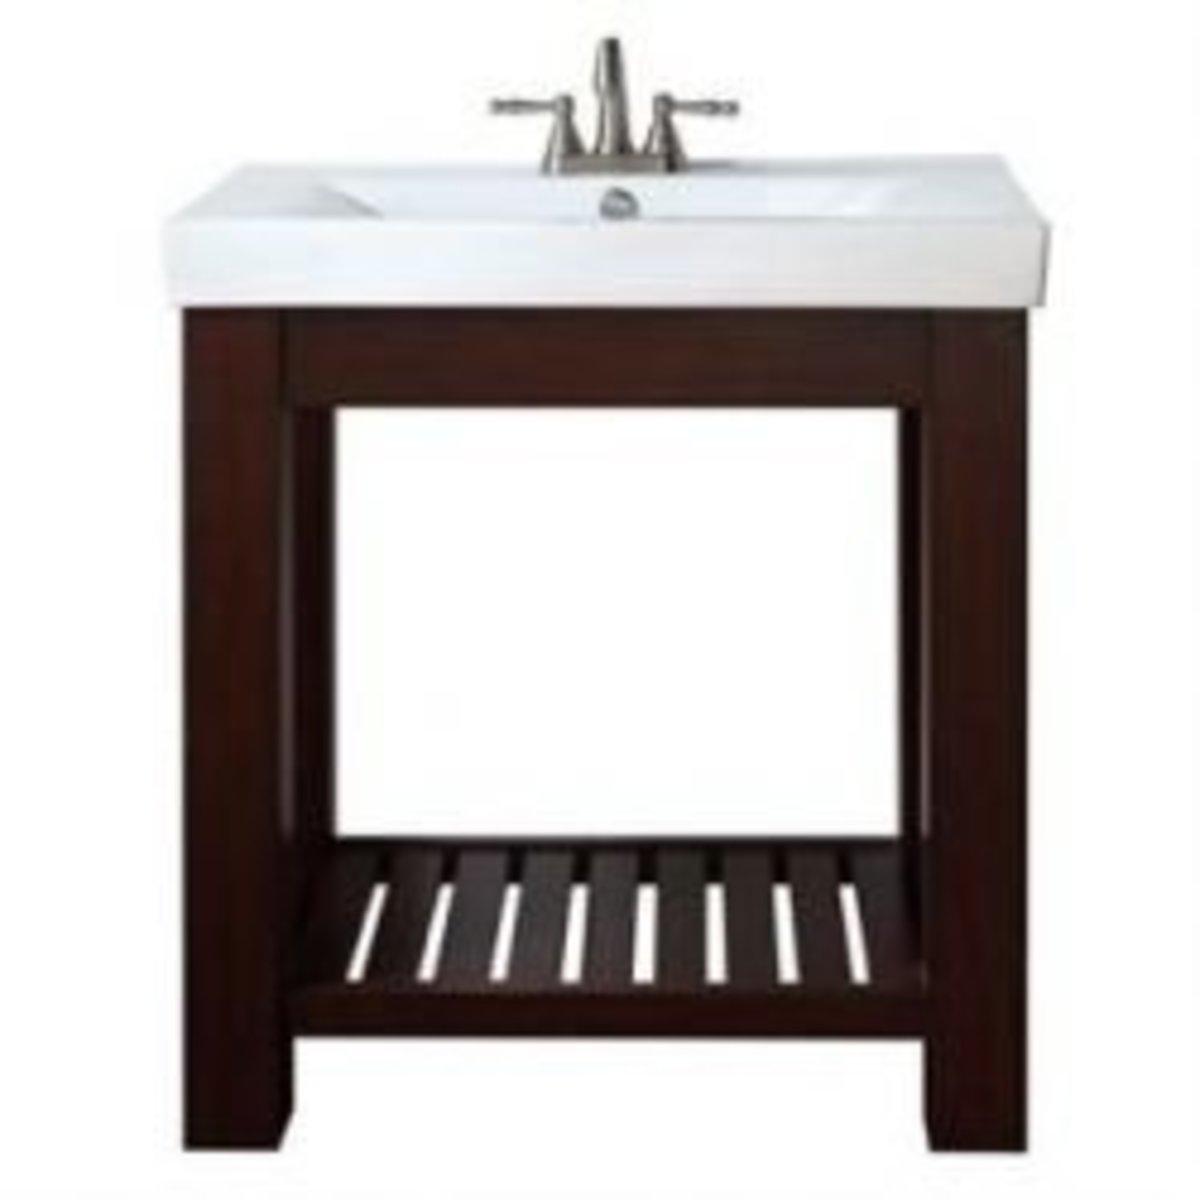 Buying An Avanity Bathroom Sink Vanity